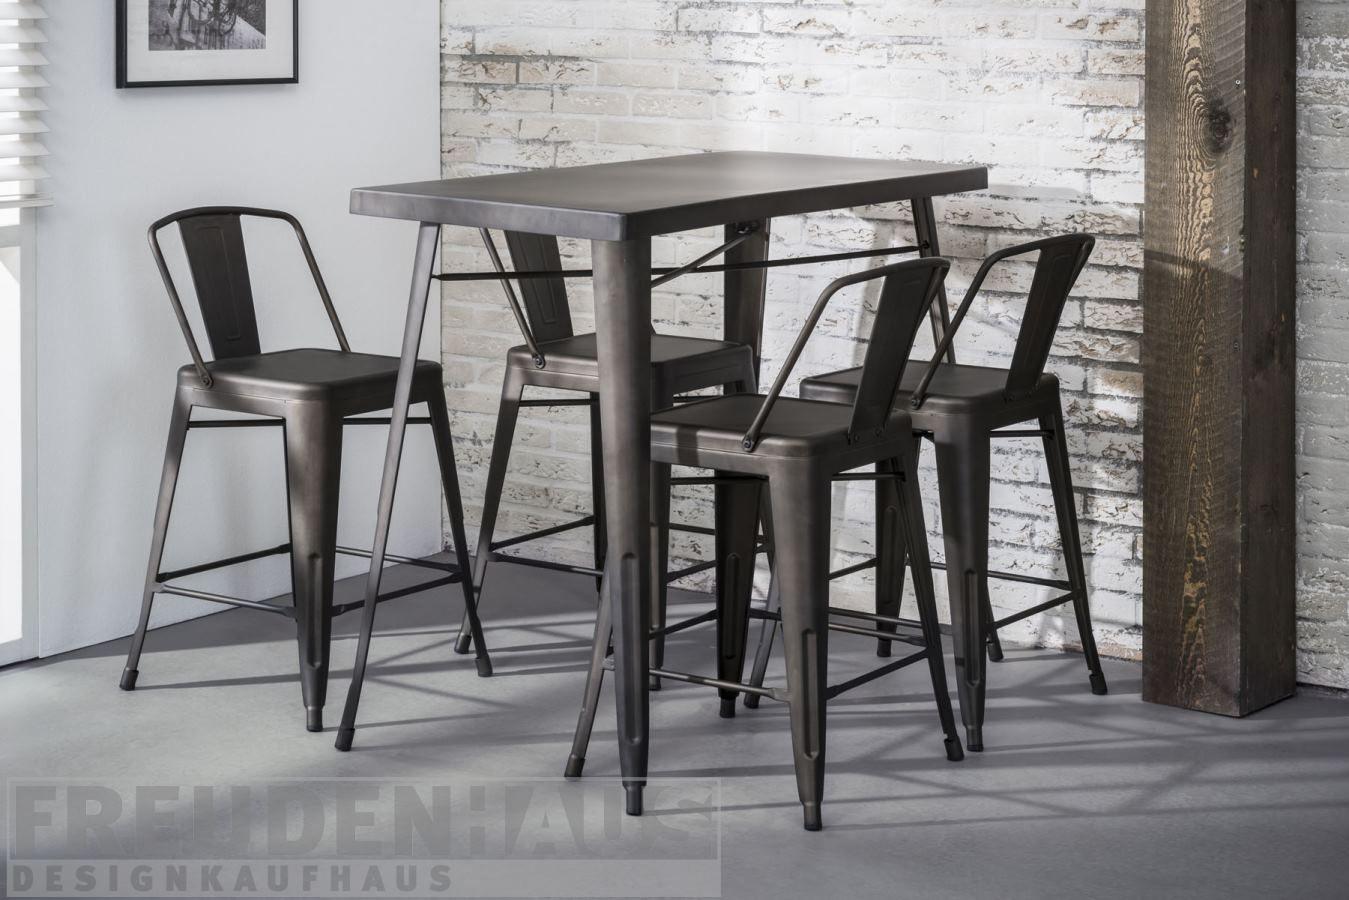 Full Size of Bartisch Set Bistro Metall Industrial Stehtisch 120x60 4 Küchen Regal Küche Wohnzimmer Küchen Bartisch